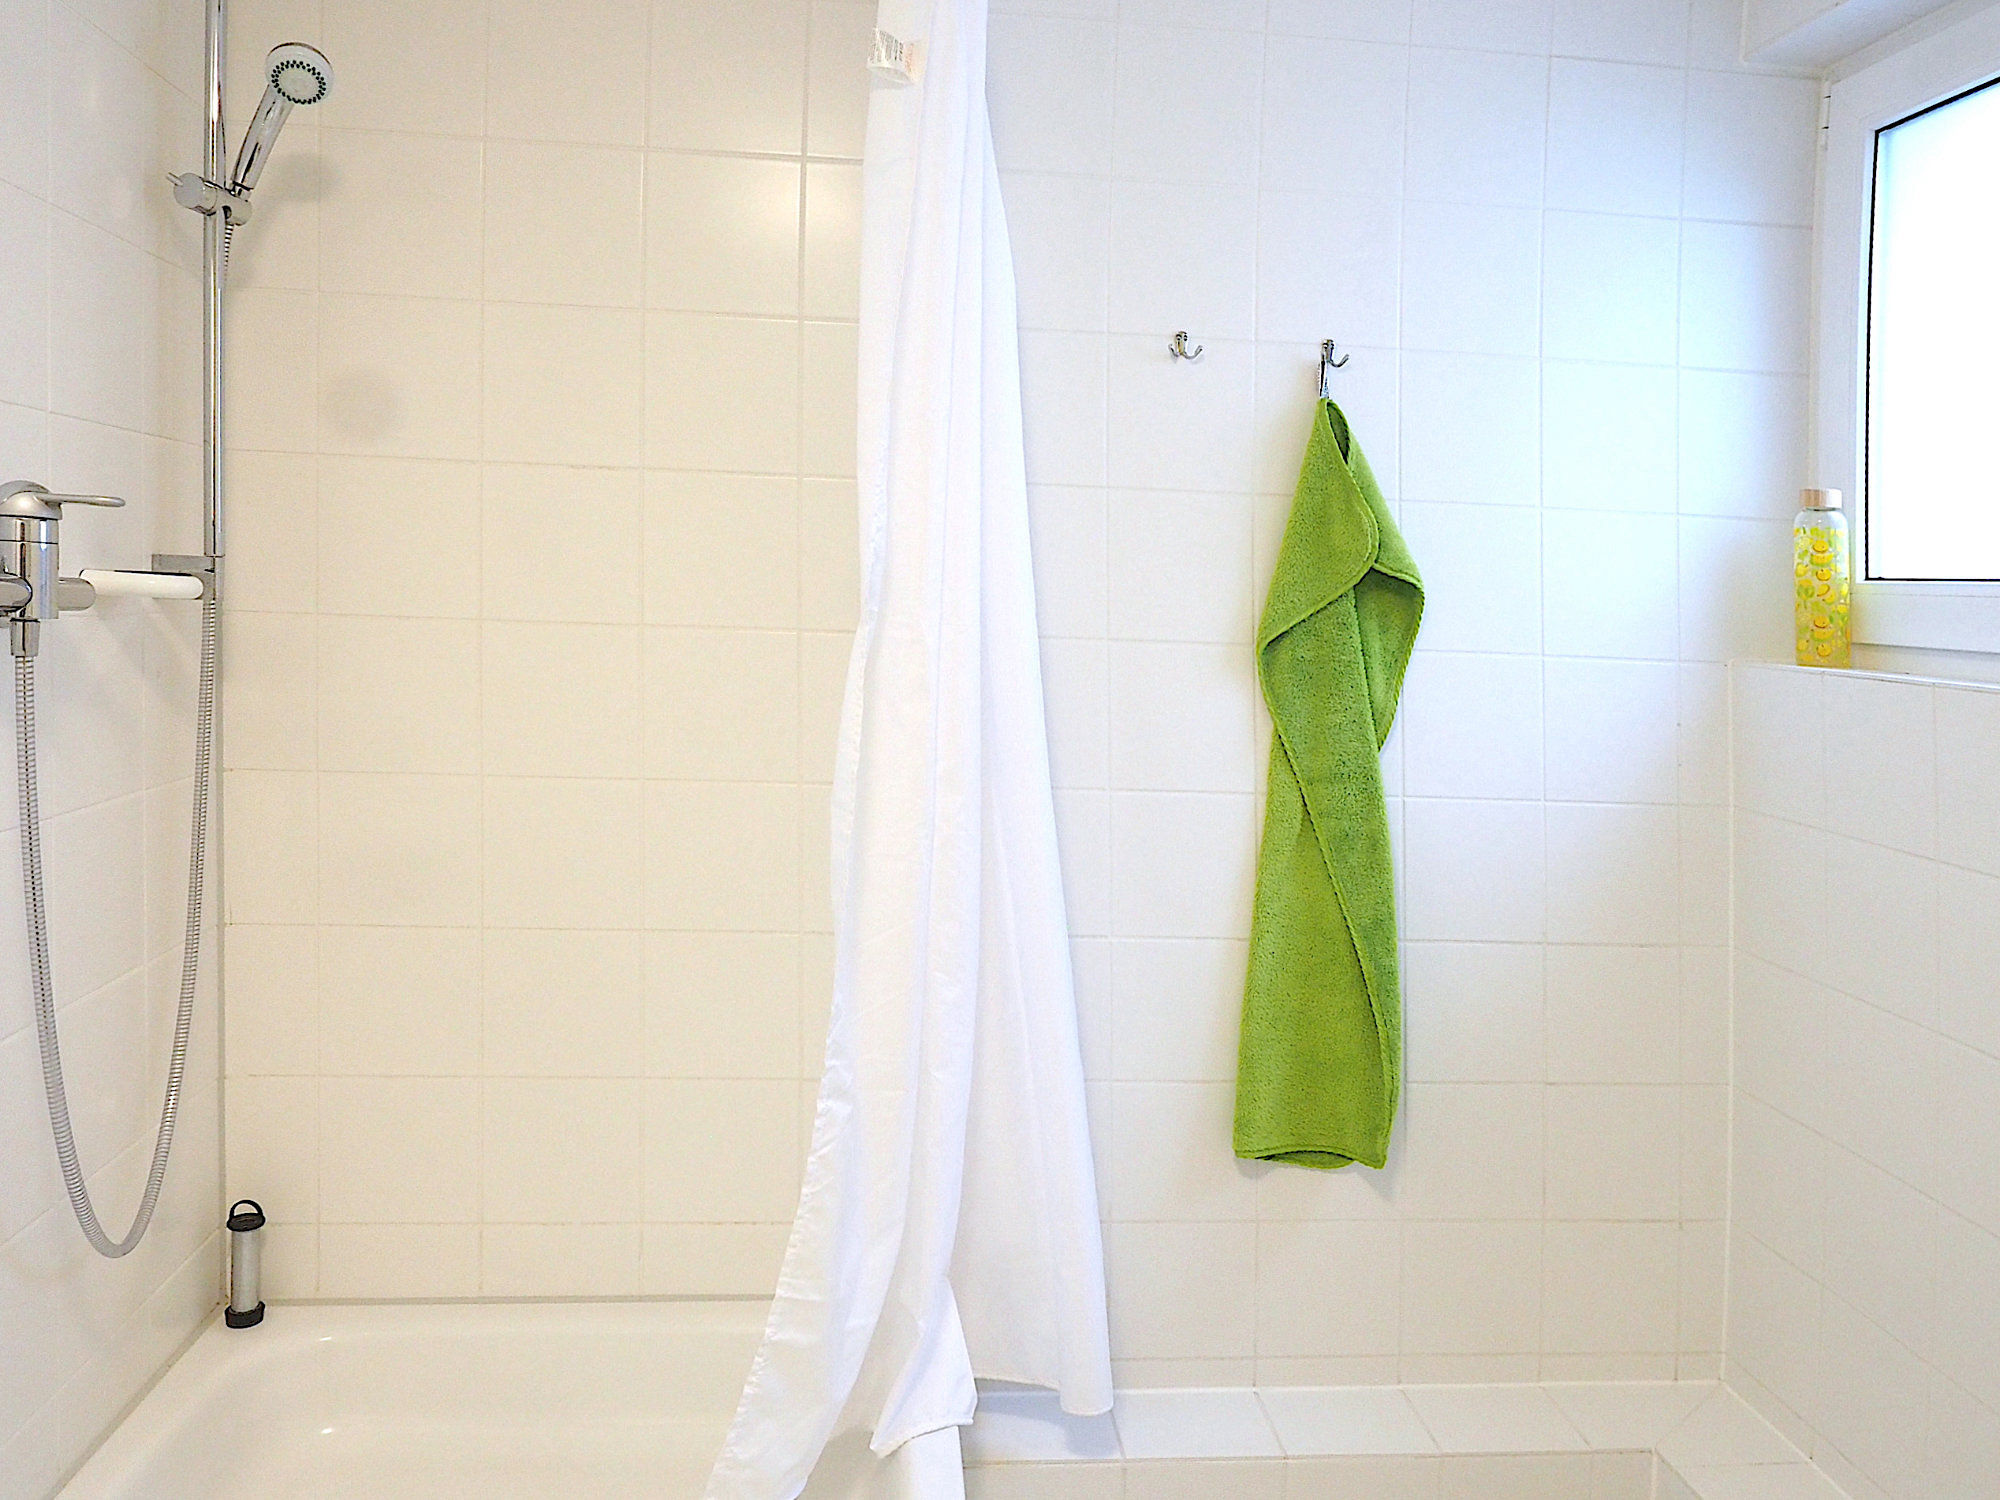 Duschbad mit Dusche und Fenster